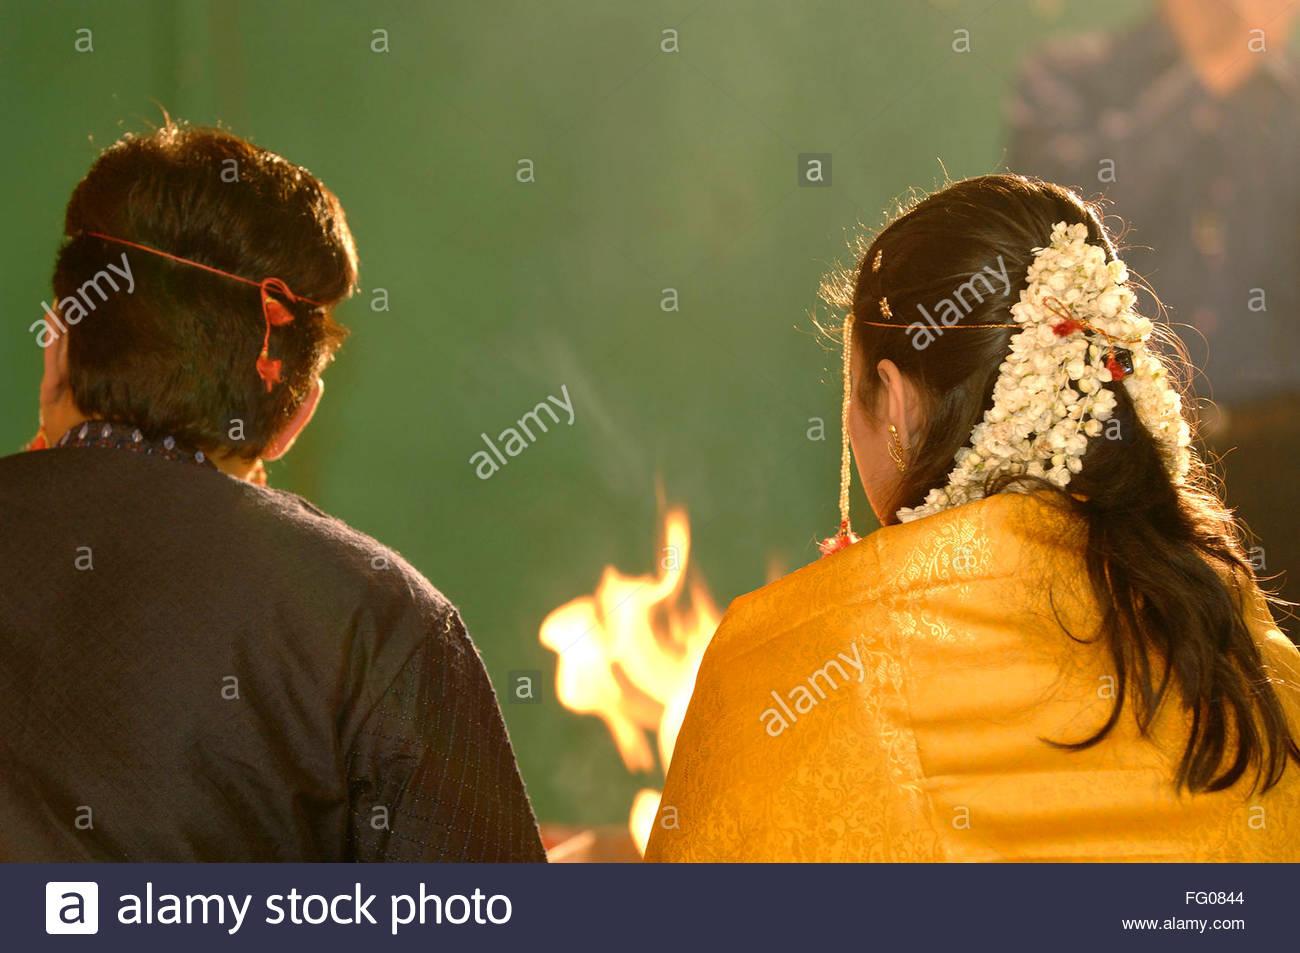 Braut Und Brautigam Die Durchfuhrung Verschiedener Rituale In Der